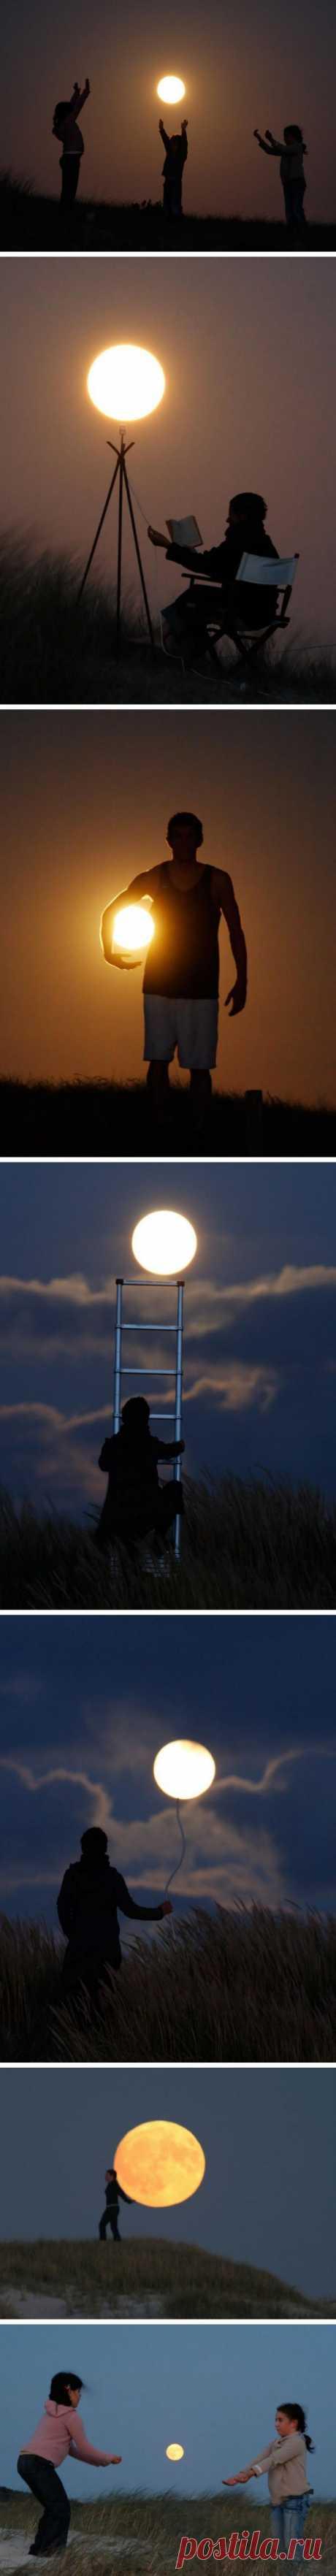 Поиграть с луной (или луной) - что может быть лучше?